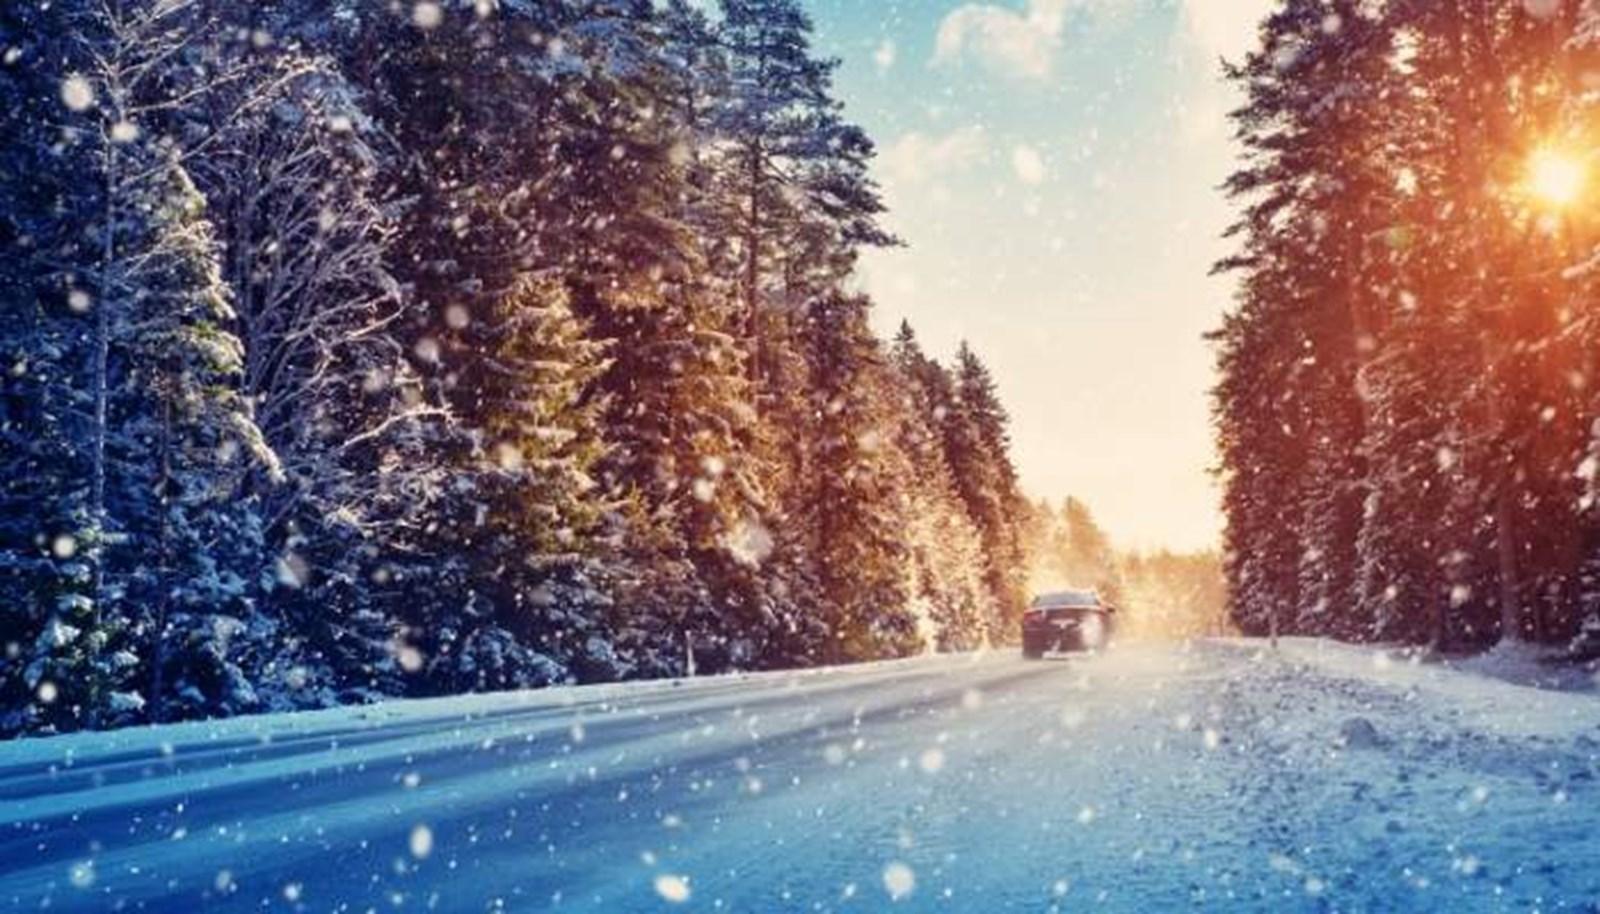 Con đường về tuyết rơi vào mùa đông